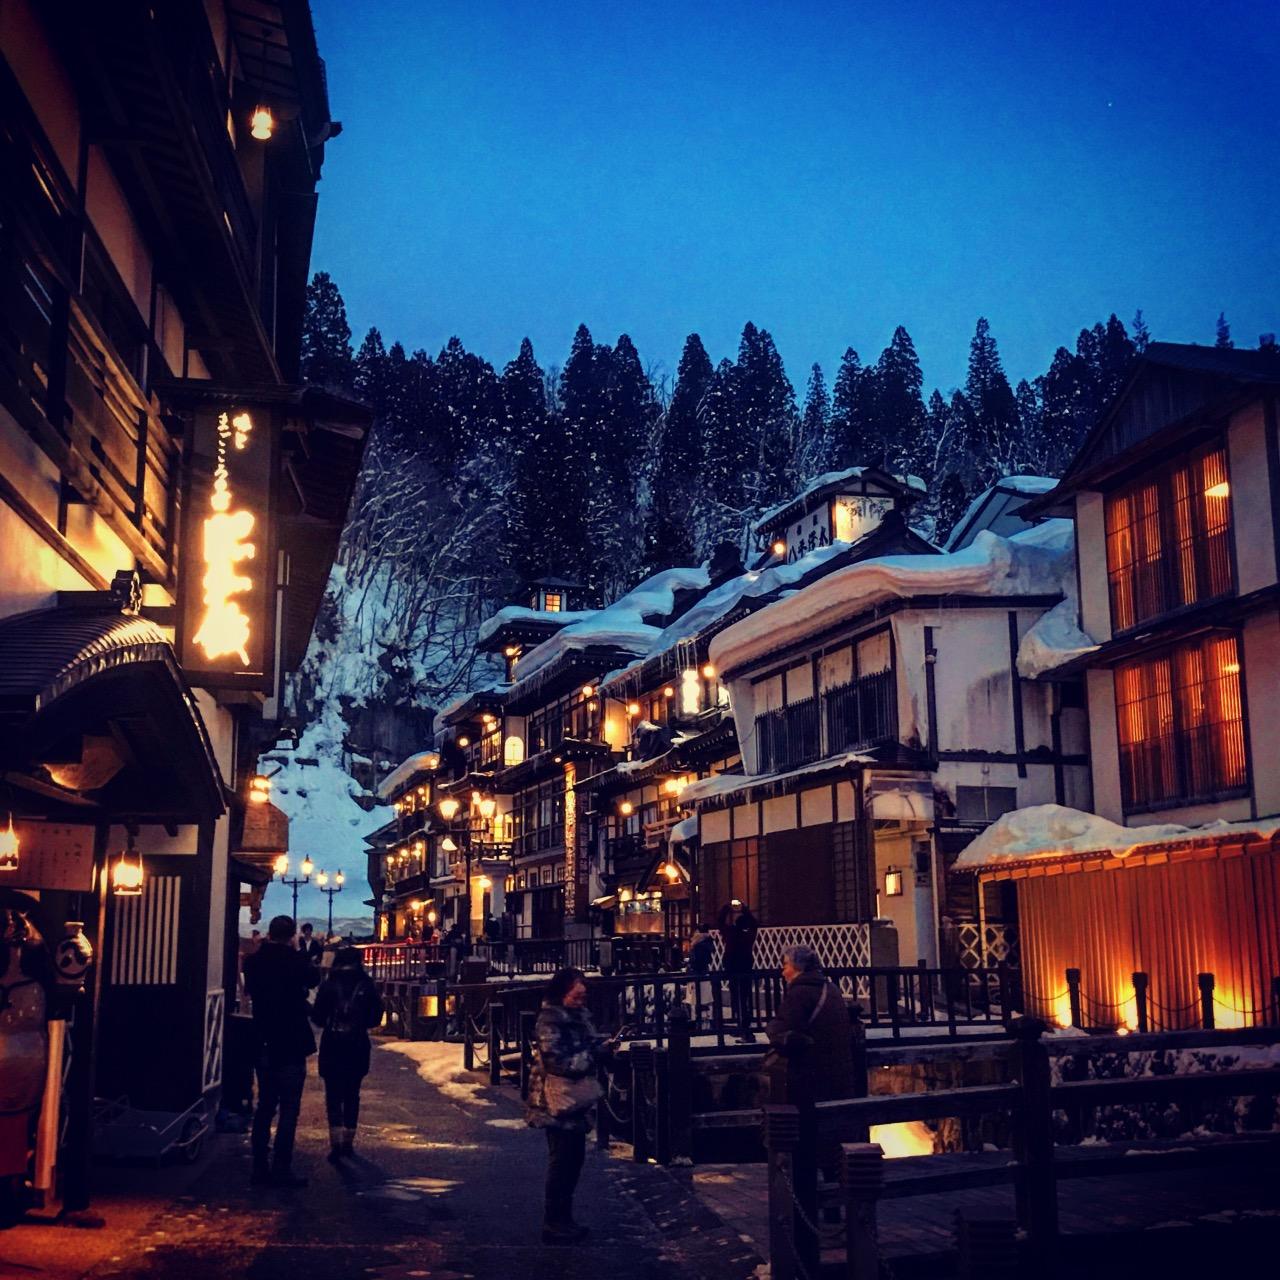 趁著雪快溶之前來到了山形縣的著名景點銀山溫泉白天有白天的美、晚上點了等別有另一種美、越晚越美麗!